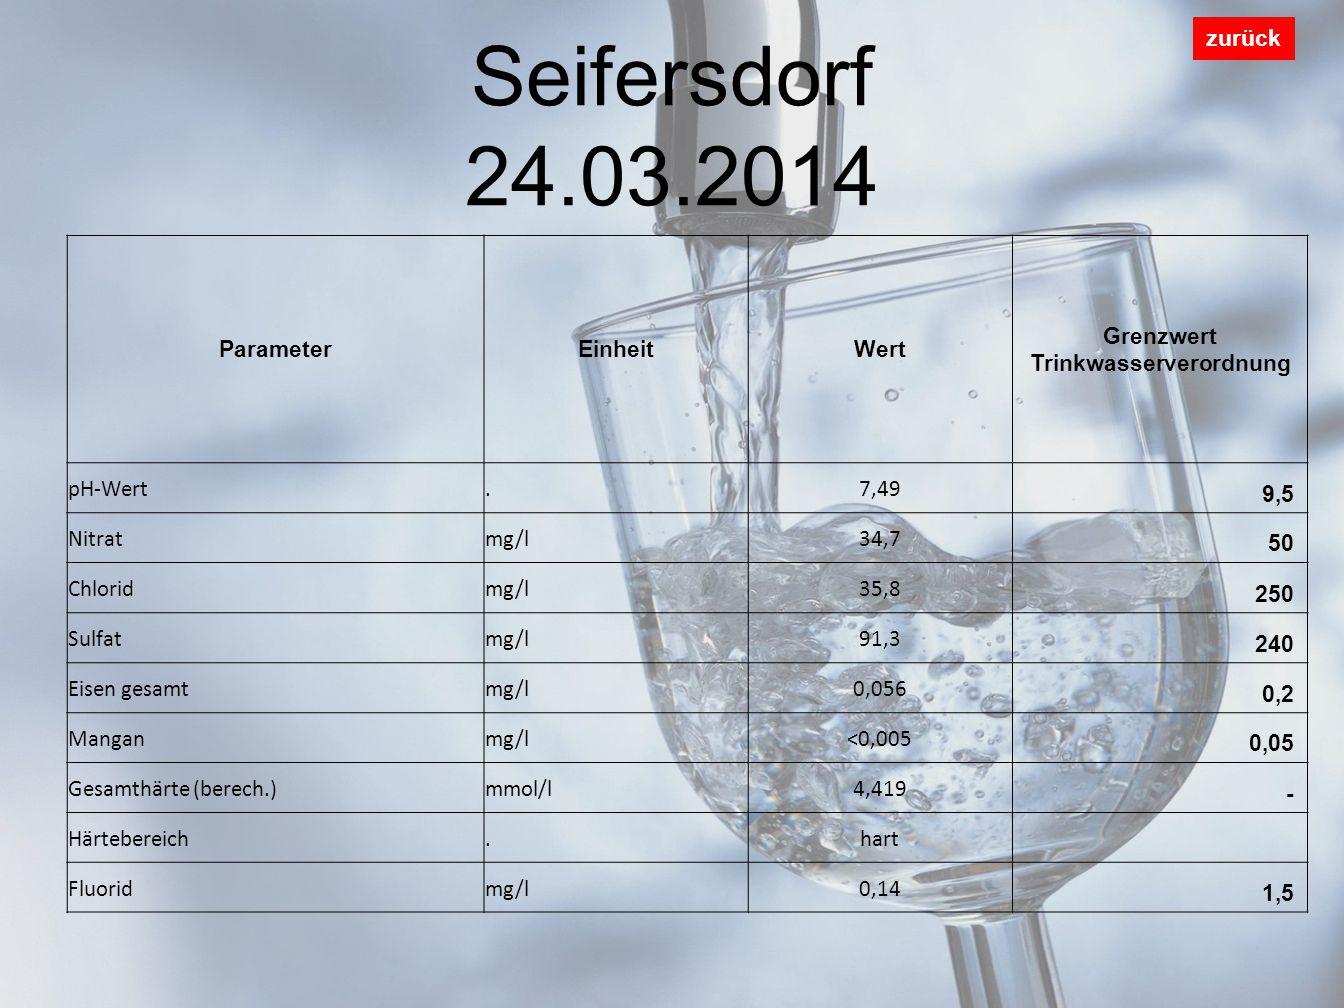 Seifersdorf 24.03.2014 zurück ParameterEinheitWert Grenzwert Trinkwasserverordnung pH-Wert.7,49 9,5 Nitratmg/l34,7 50 Chloridmg/l35,8 250 Sulfatmg/l91